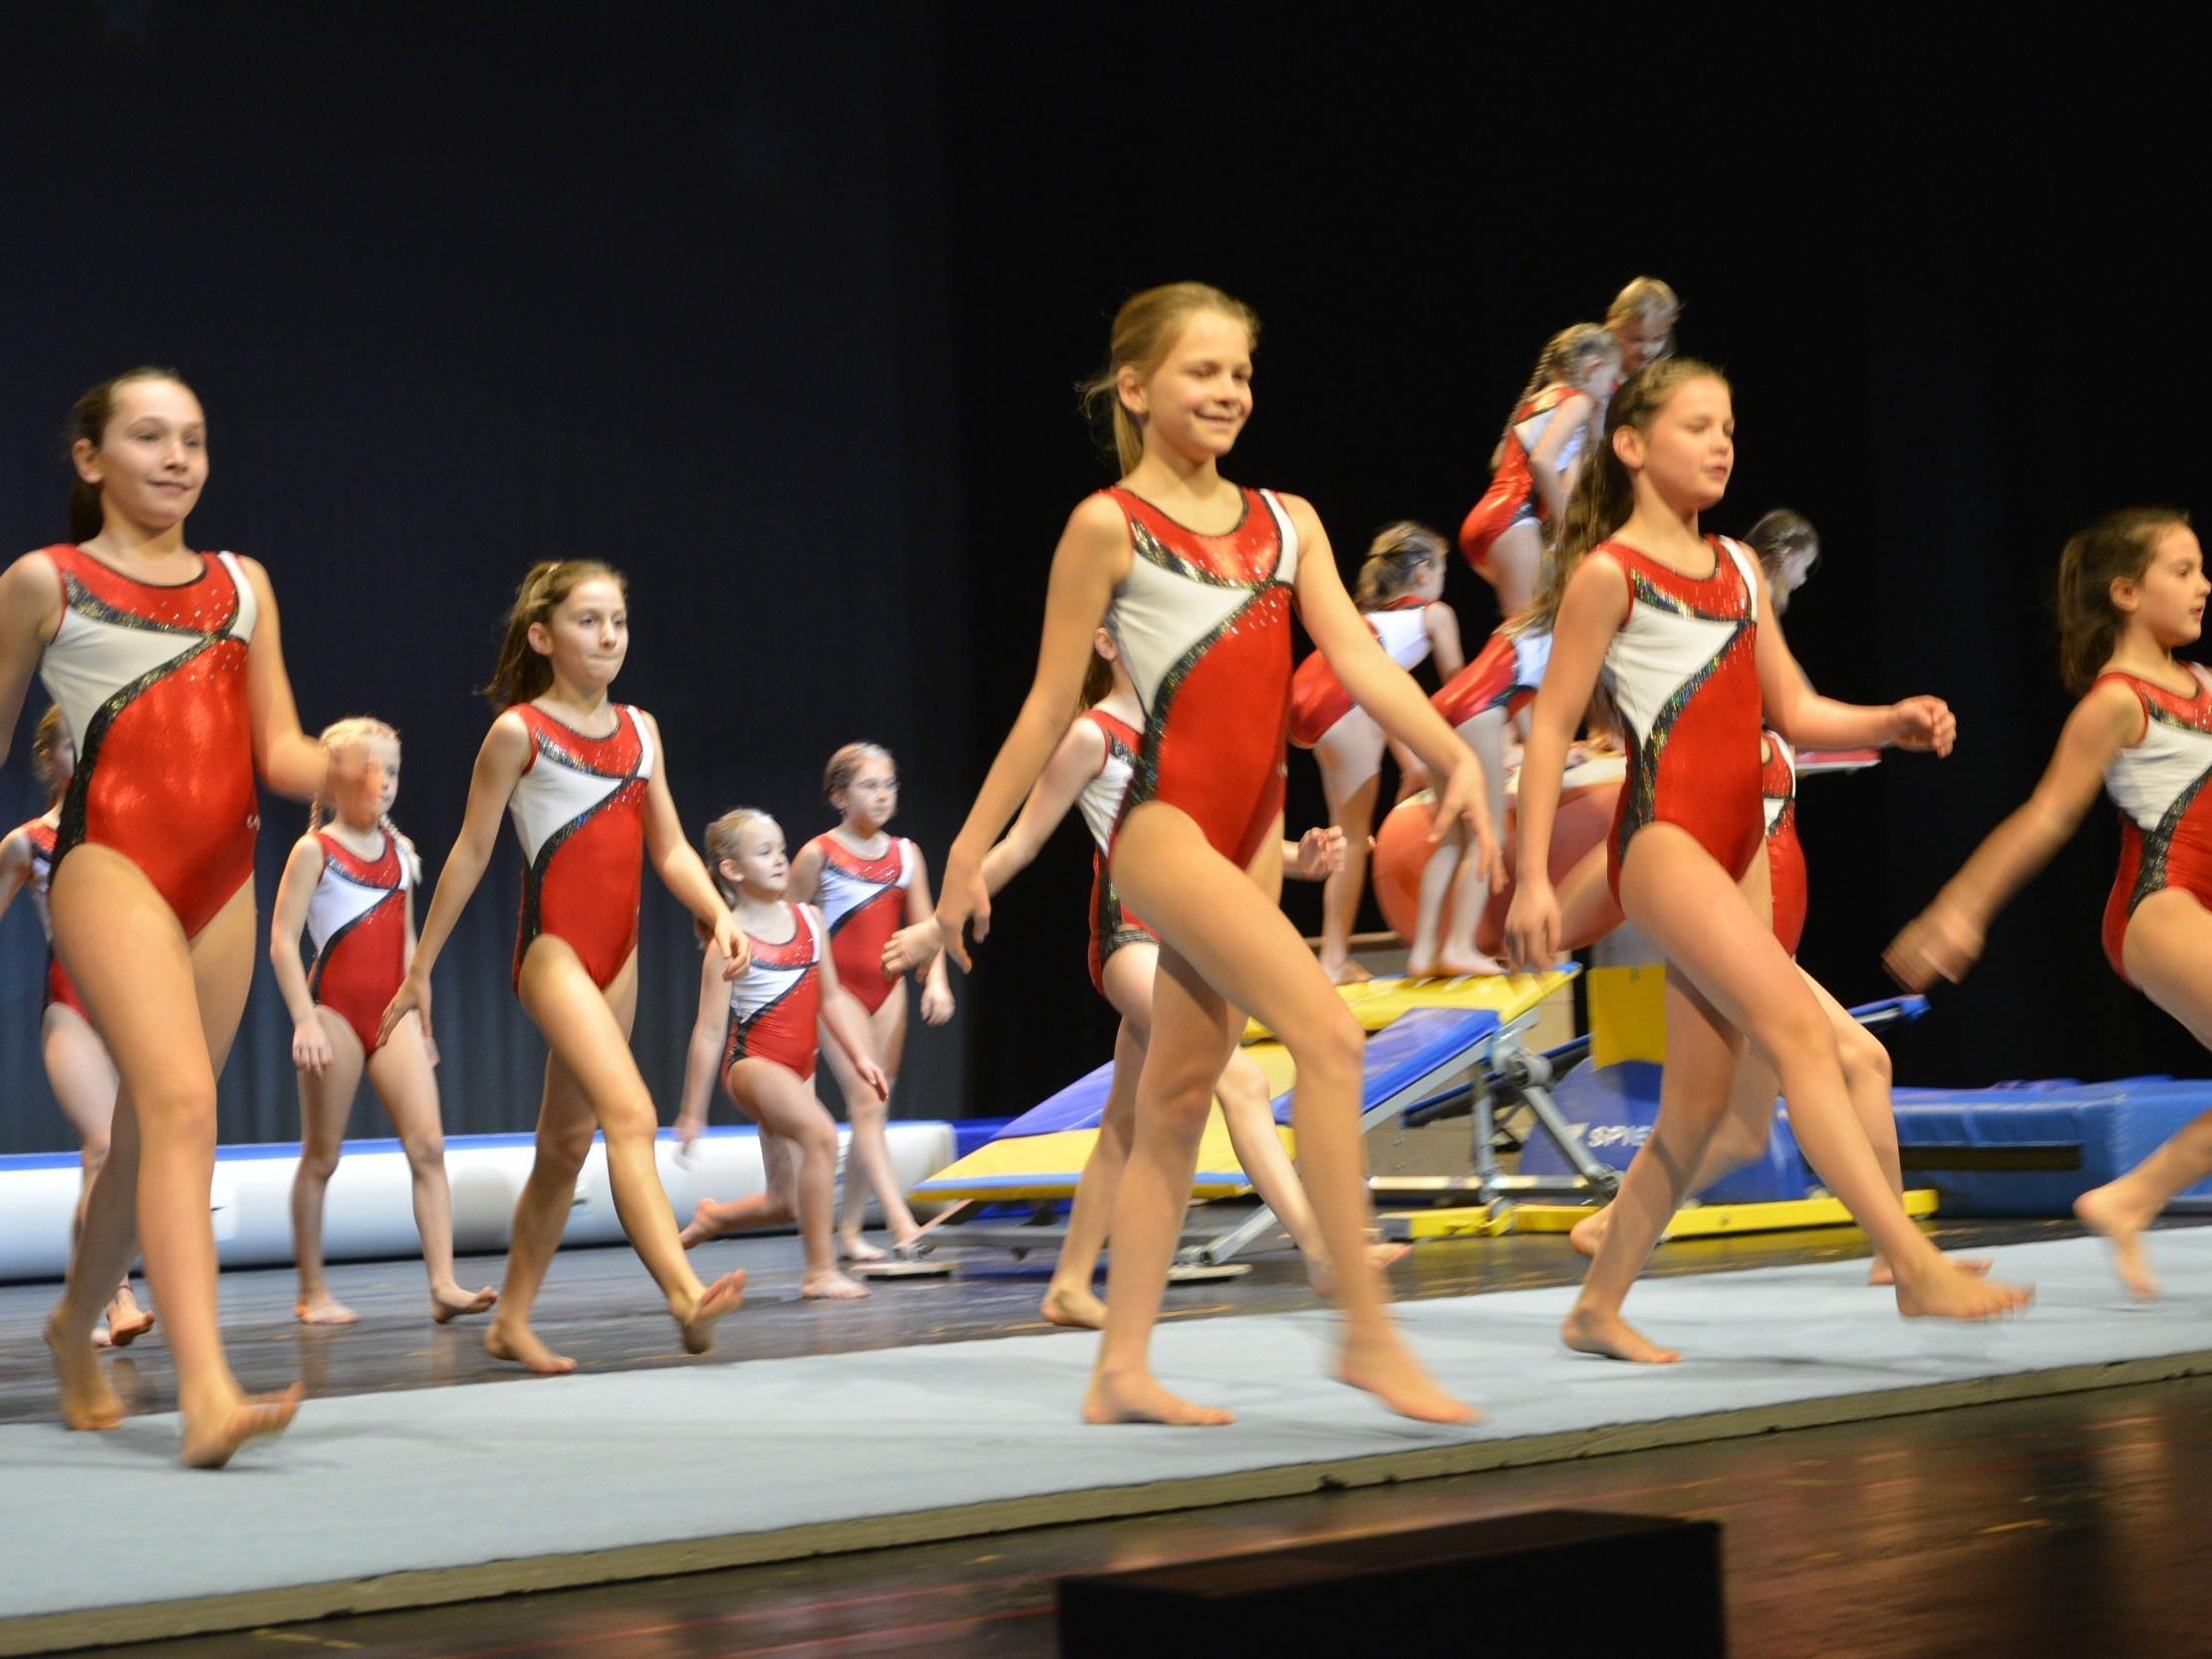 Die Freude am Turnsport und Tanz zeigten große und kleine Sportler bei den Vorführungen im Kulturhaus.